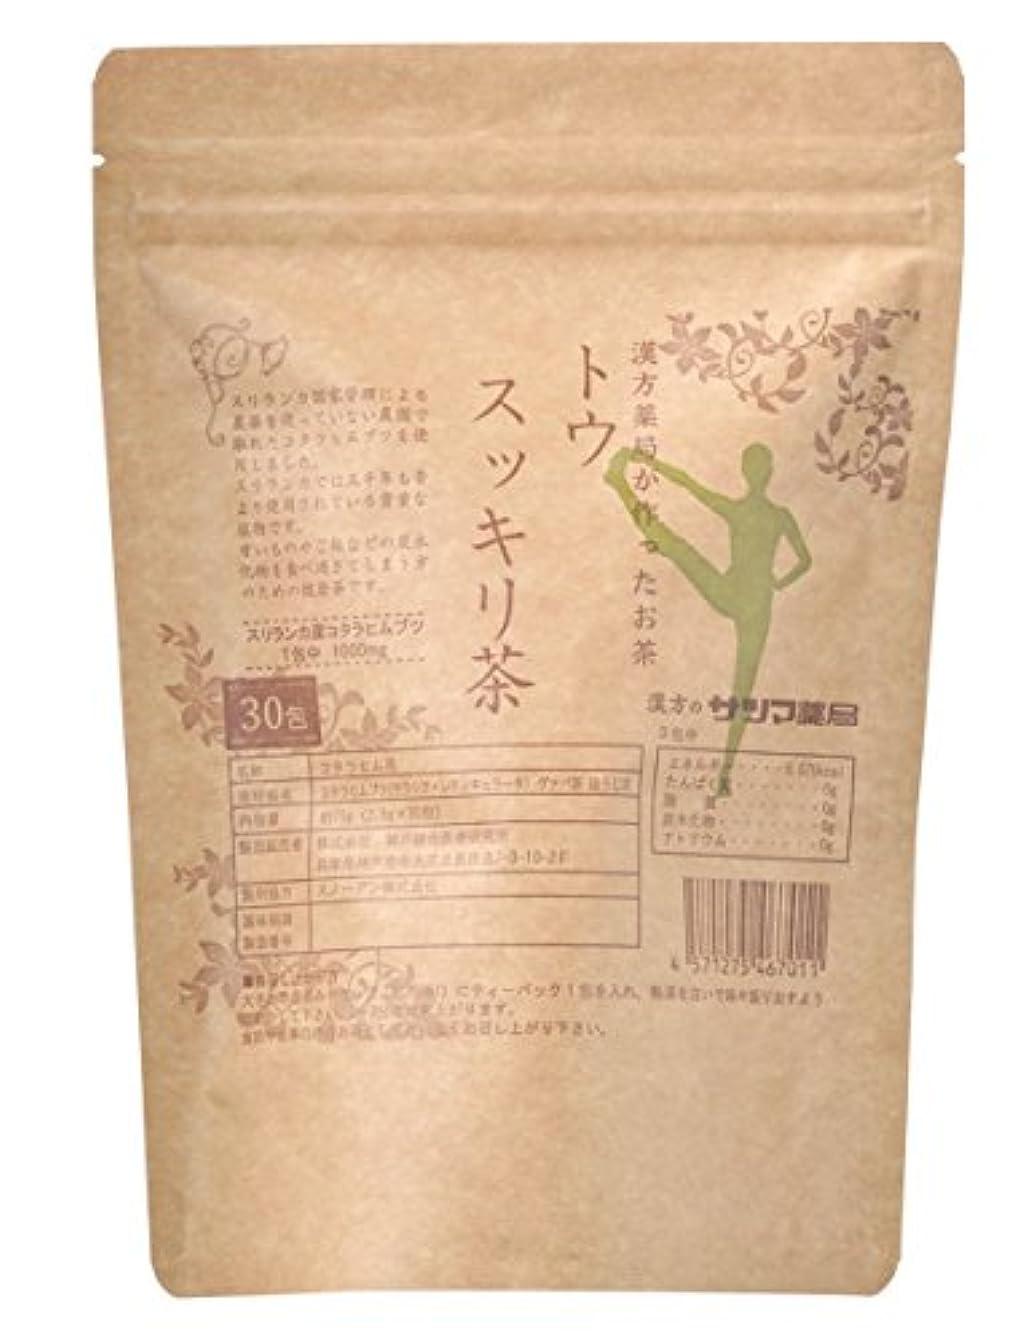 周囲放出解説サツマ薬局 ダイエットティー トウスッキリ茶 30包 ティーパック 高濃度コタラヒム茶 ほうじ茶